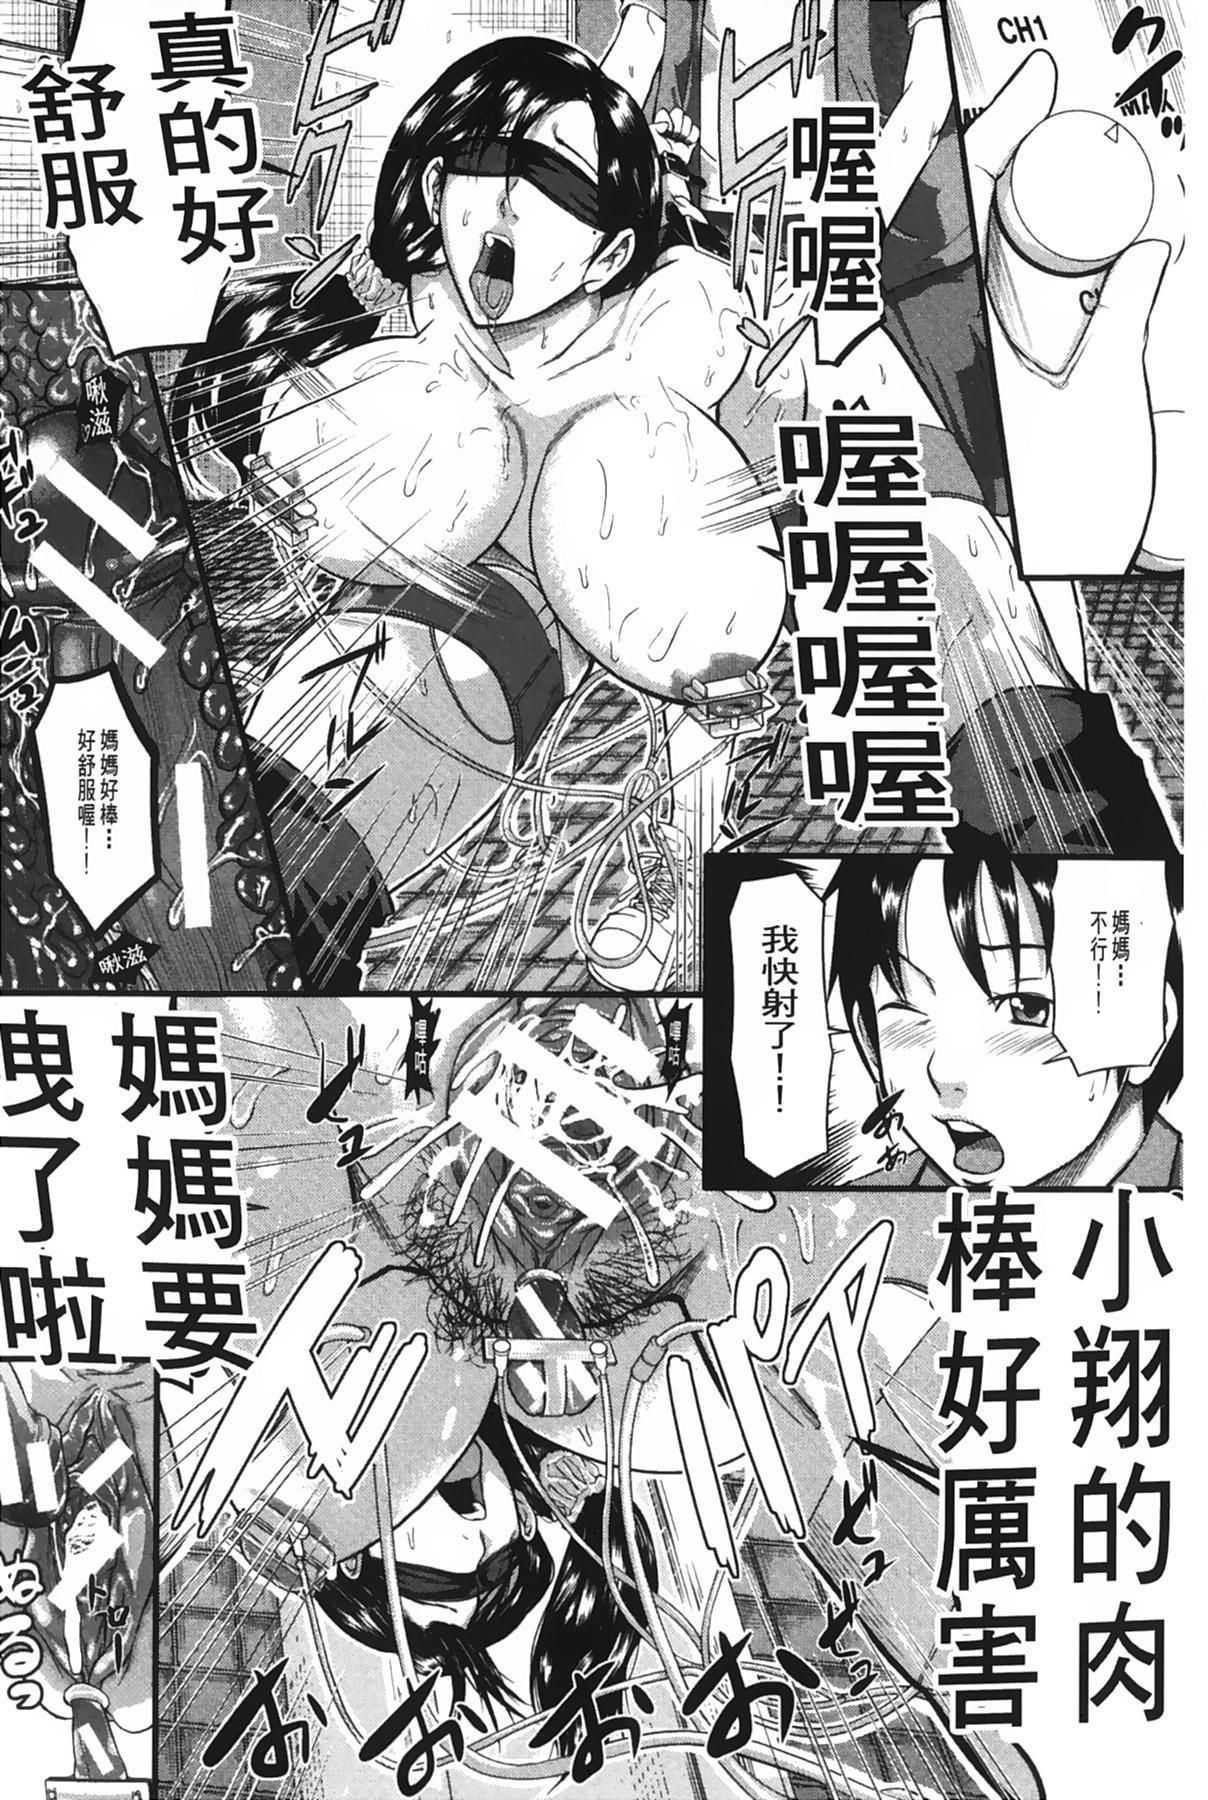 [Honebuto Danshaku] Onna Jigoku Niku no Tsubo~Hentai Rui Inran Ka Mesu Buta Ichidaiki~ | 女地獄、肉之壺 ~変態類淫乱科淫母豬一代記~ [Chinese] 14